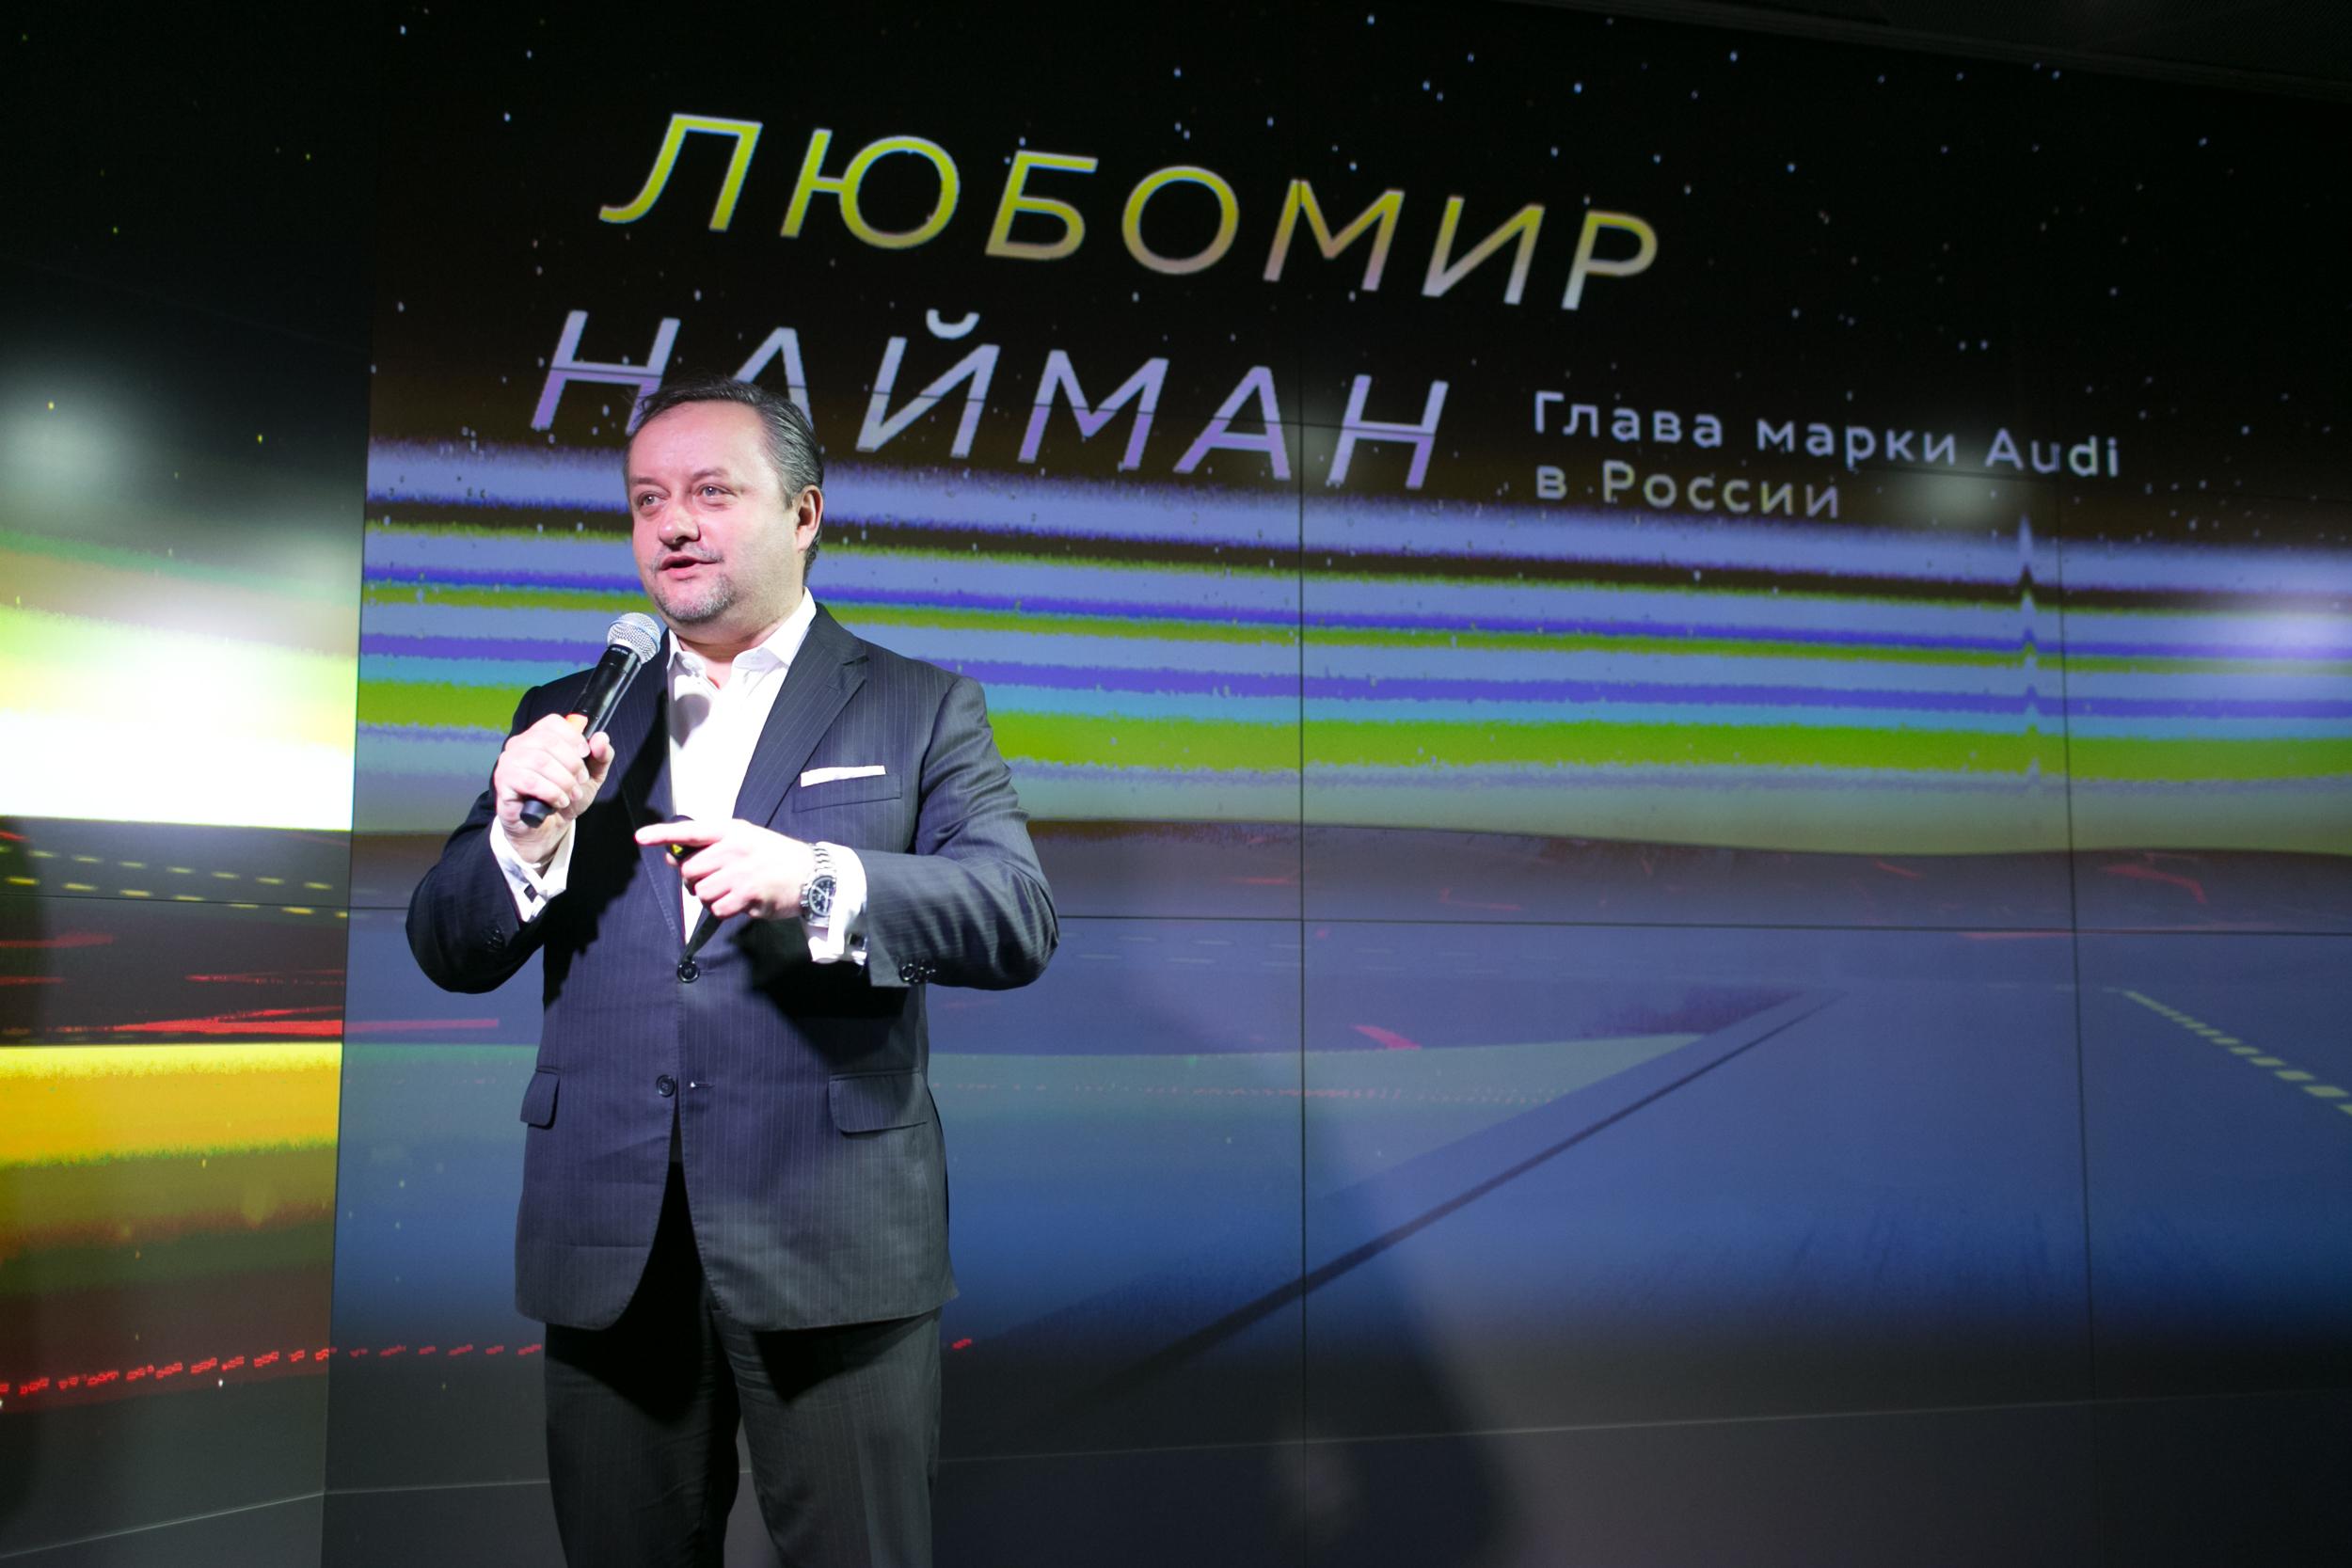 Любомир Найман